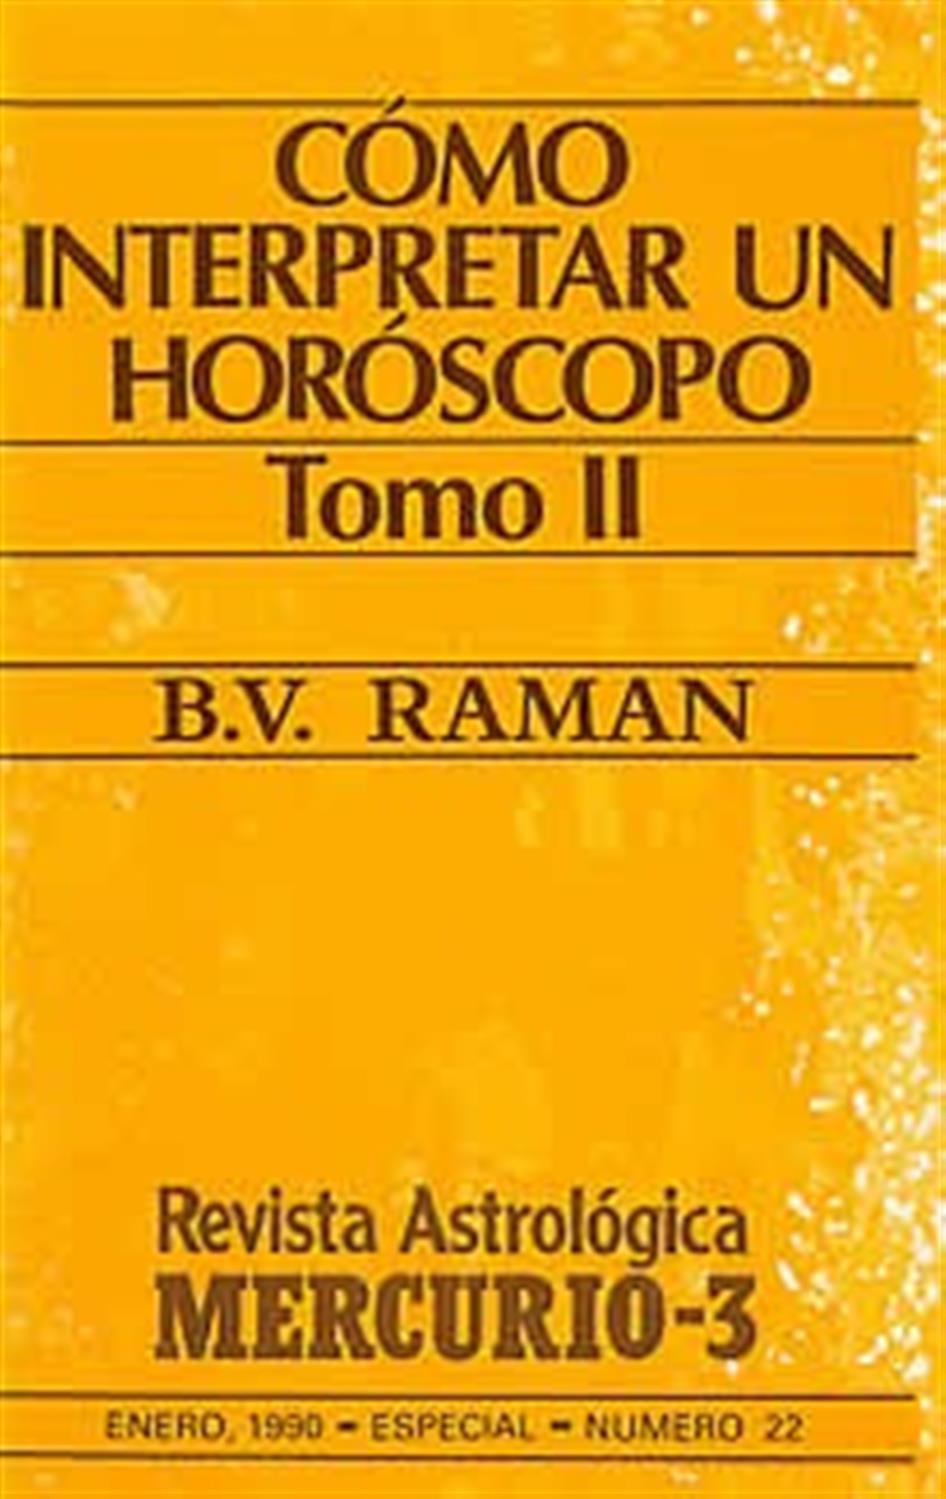 Cómo interpretar un Horóscopo-Tomo II